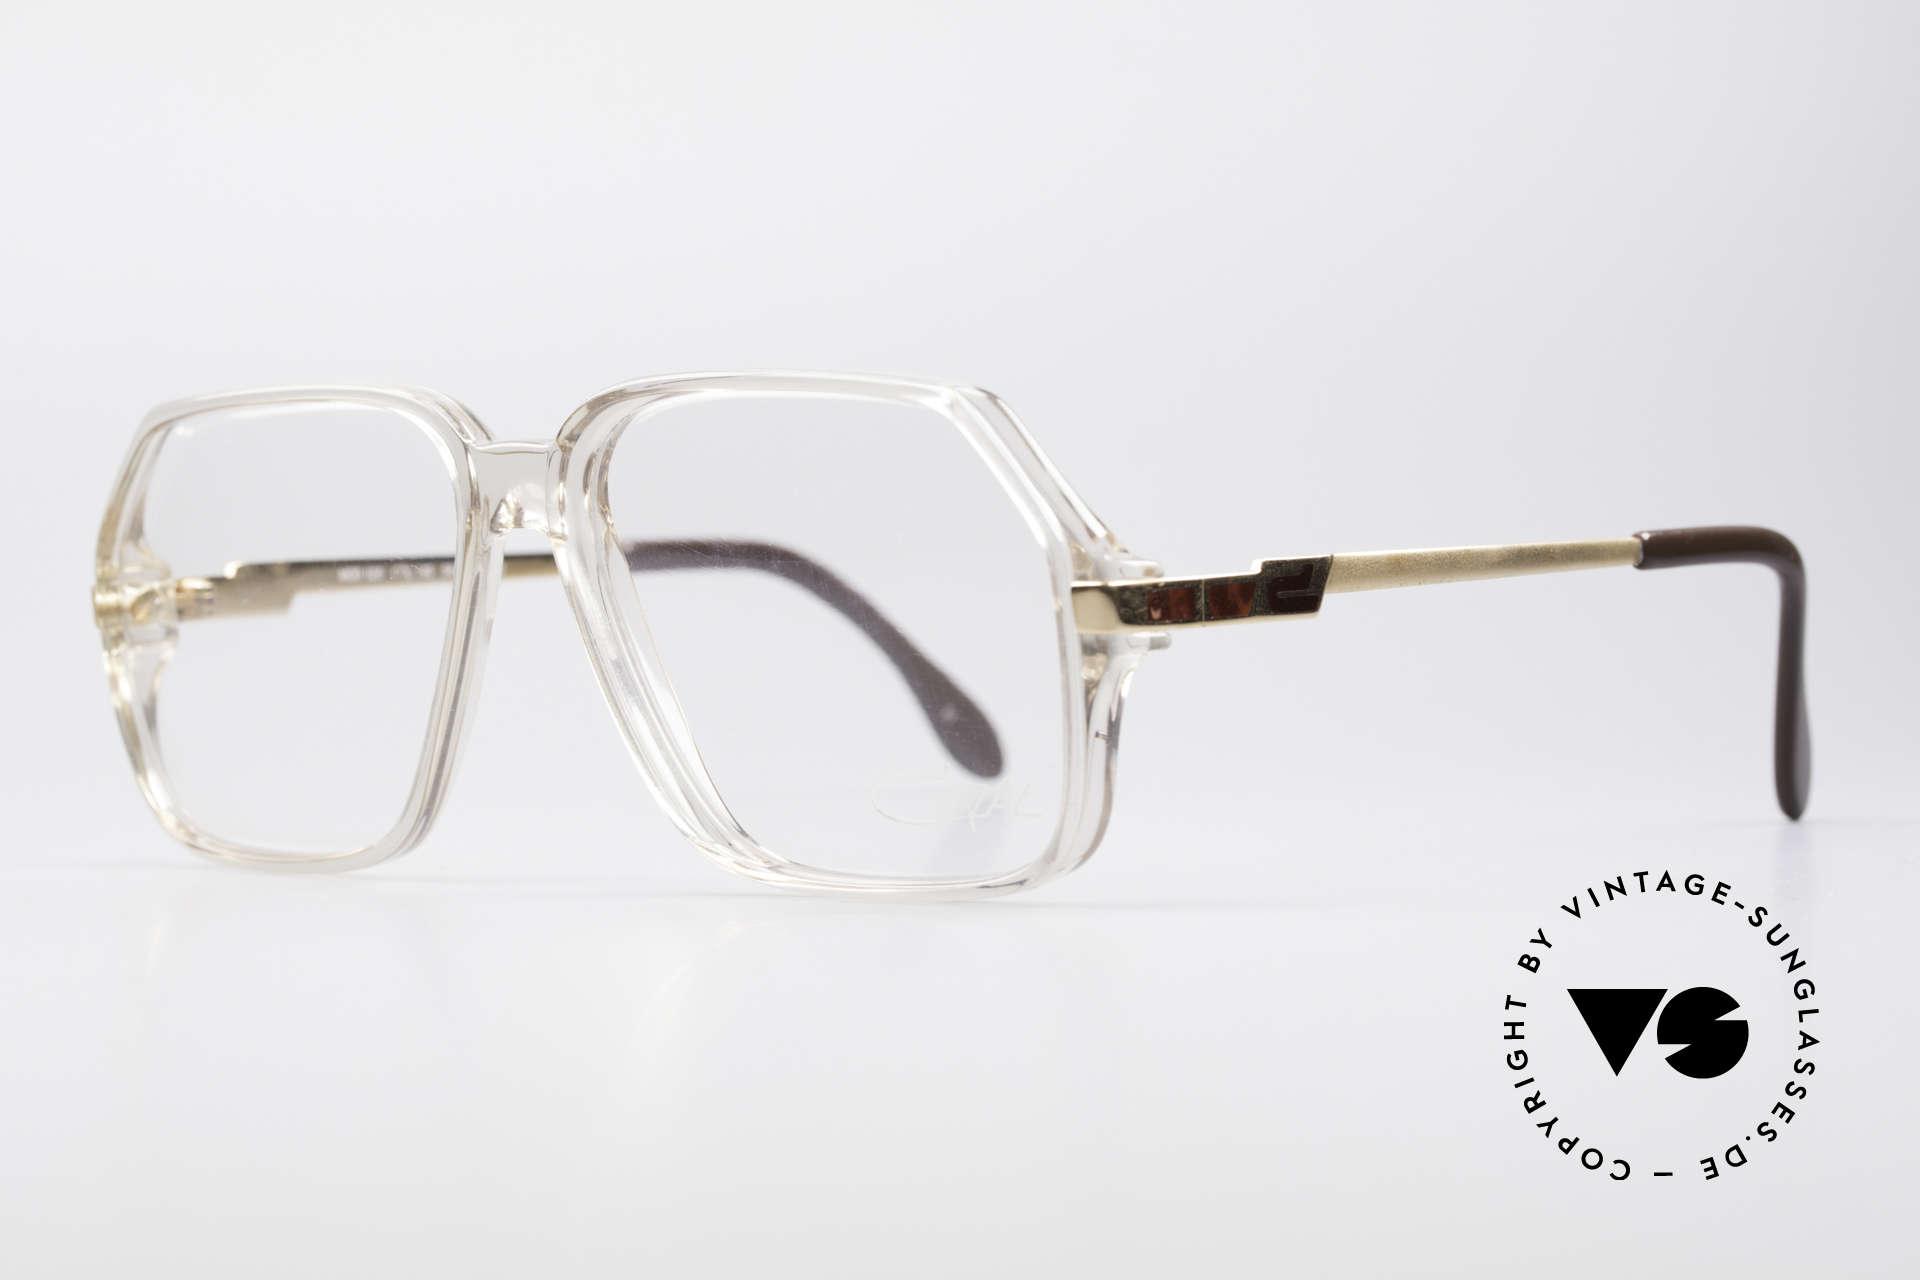 Cazal 625 West Germany 80's Eyeglasses, vintage designer eyeglasses 'FRAME W.GERMANY', Made for Men